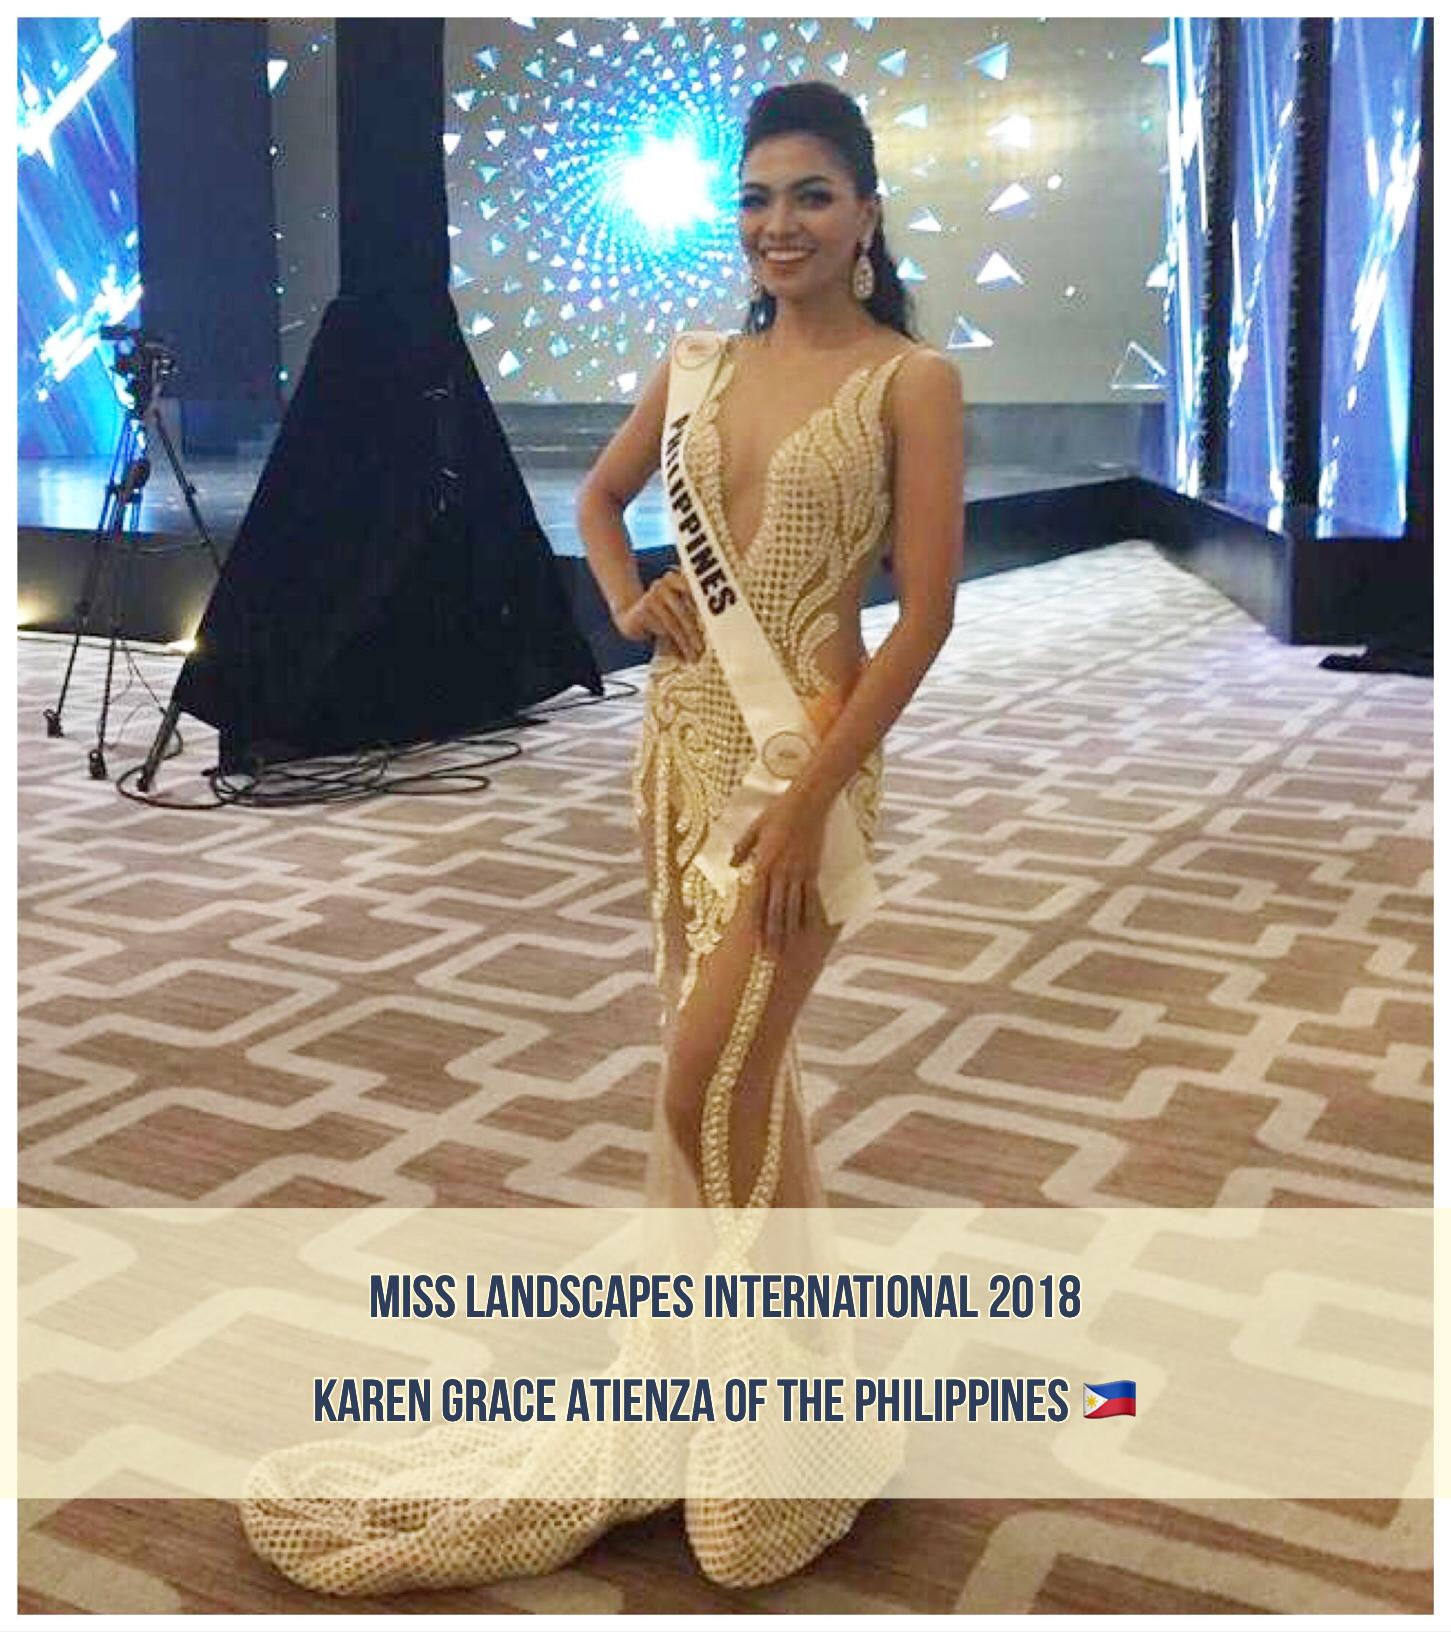 Karen Grace Atienza Of The Philippines Wins Miss